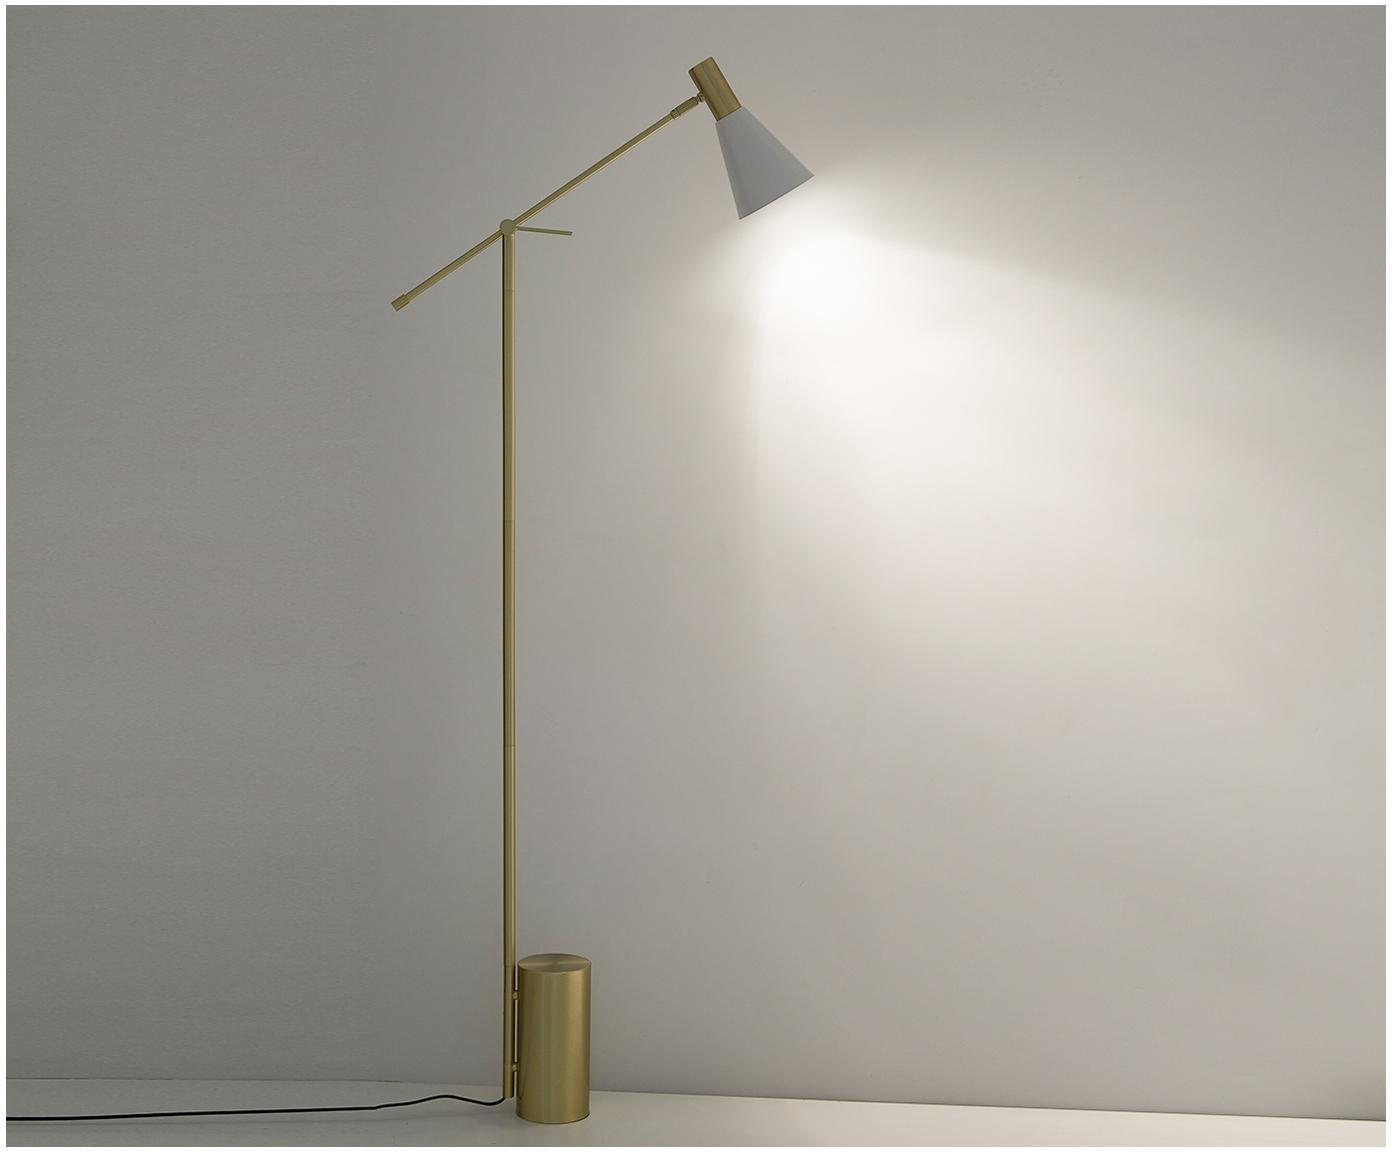 Lampa podłogowa Sia, Biały, odcienie mosiądzu, Ø 14 x W 162 cm